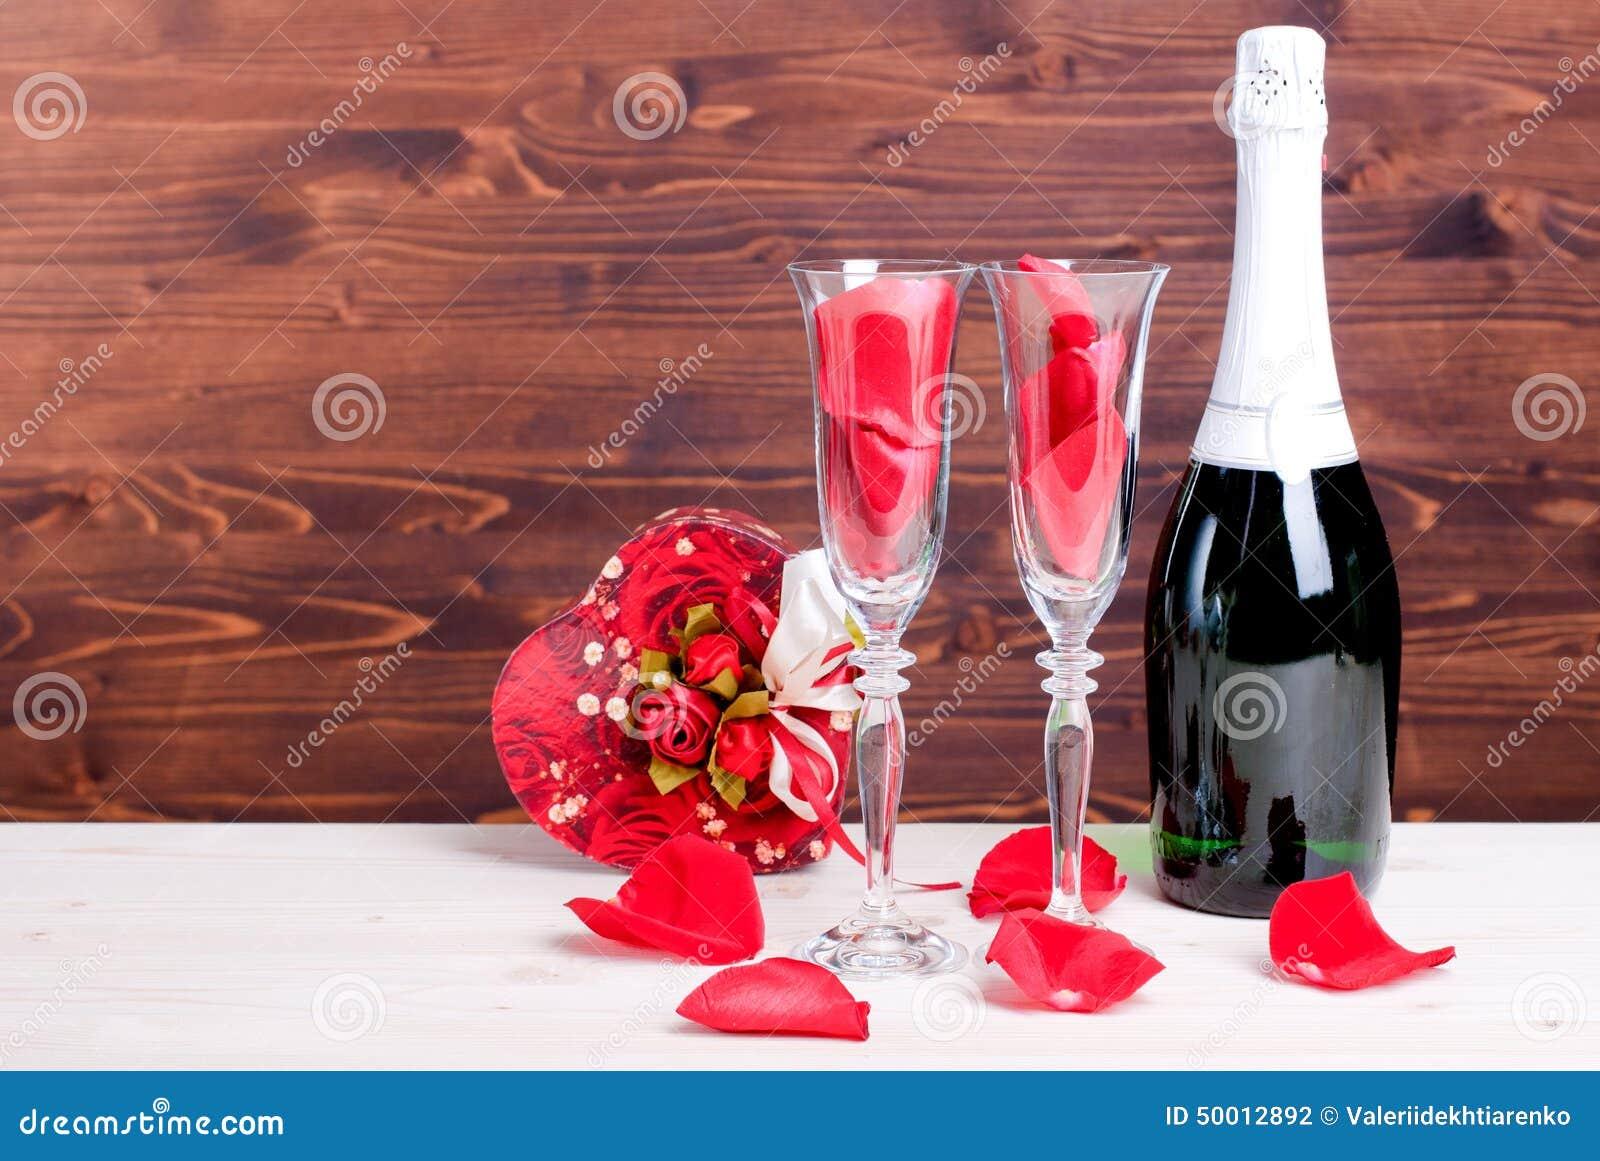 Saint valentin romantique avec des verres avec des roses et des coeurs cha photo stock image - Image saint valentin romantique ...